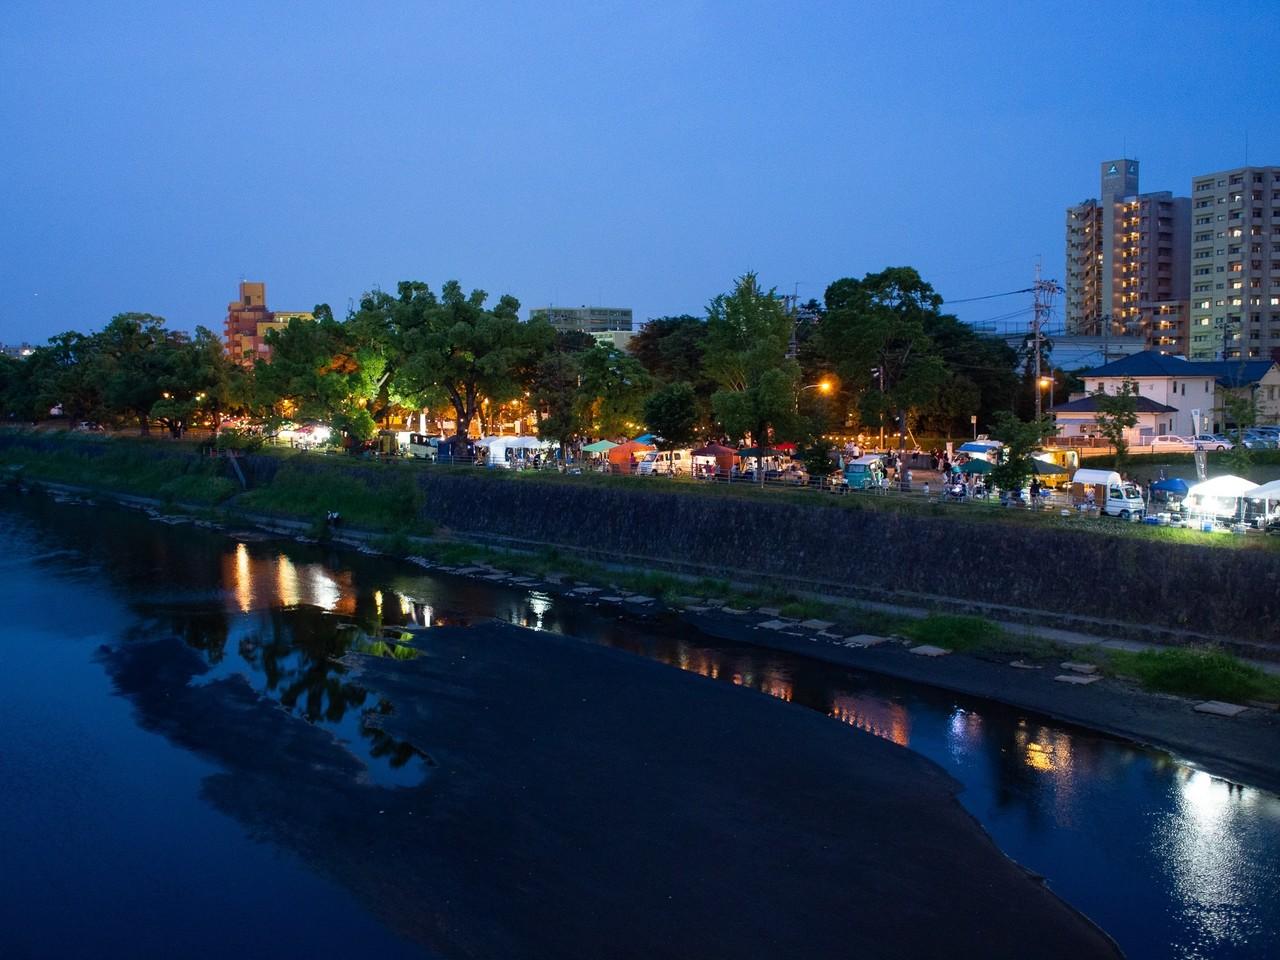 熊本市の繁華街を流れる一級河川の白川沿いで夜市が開催されました。